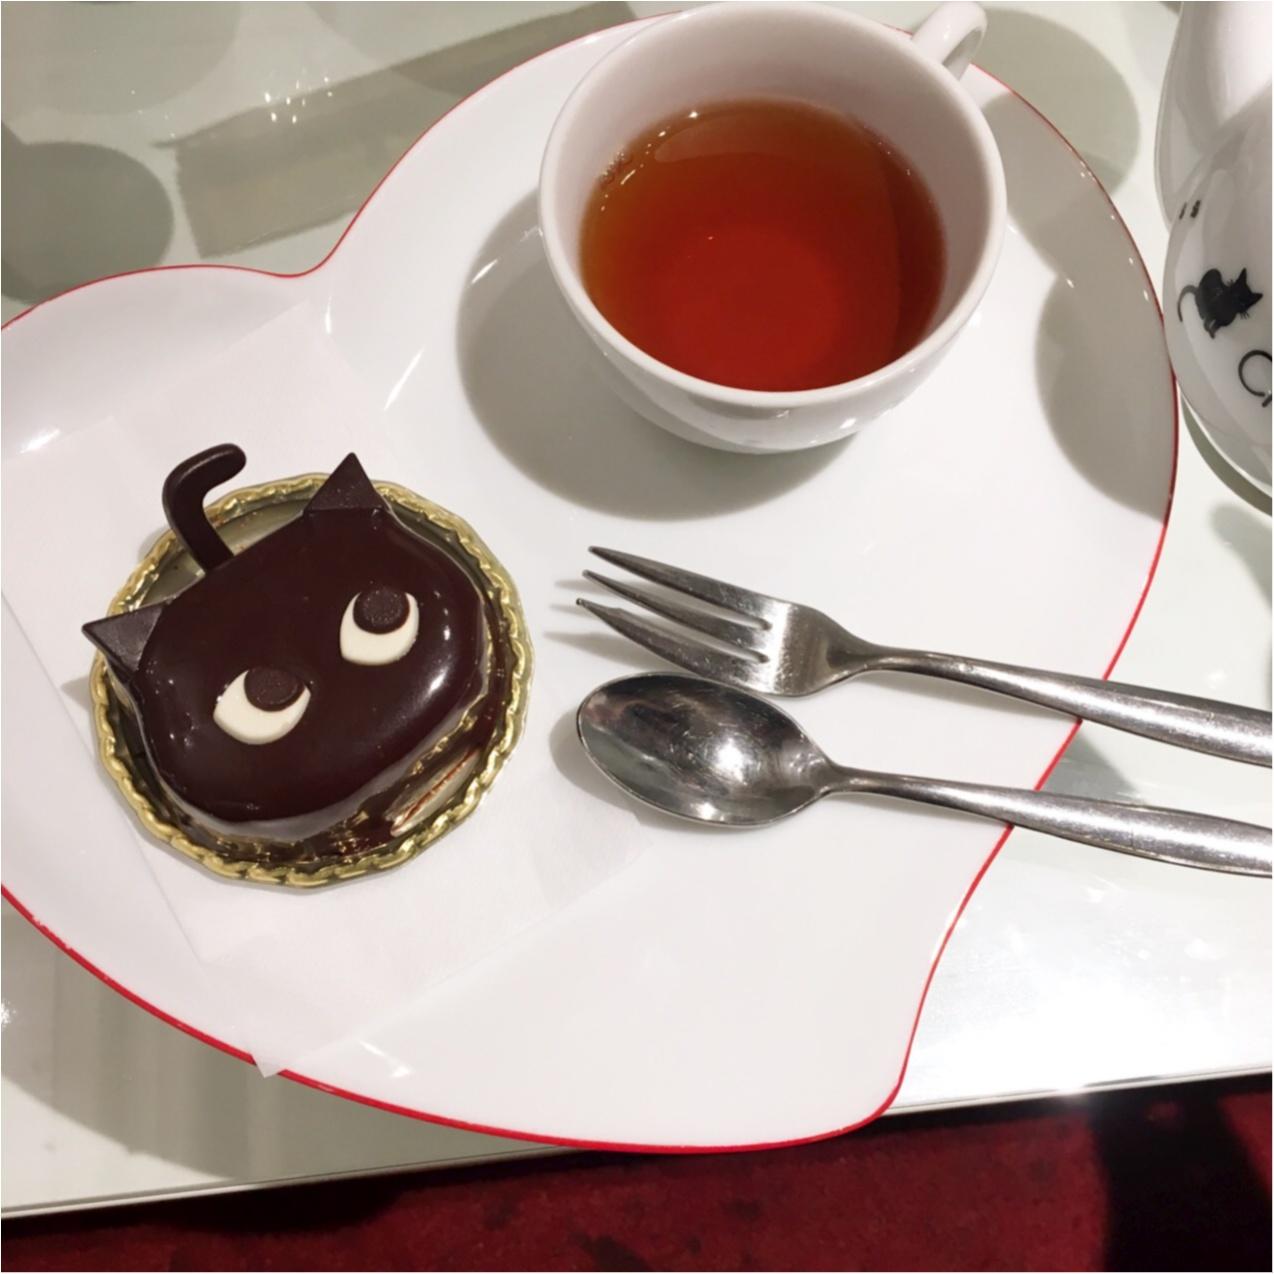 猫好きにはたまらない♡ 黒猫モチーフのケーキ屋さん《 シャ・ノワール 》がかわいすぎる♡_3